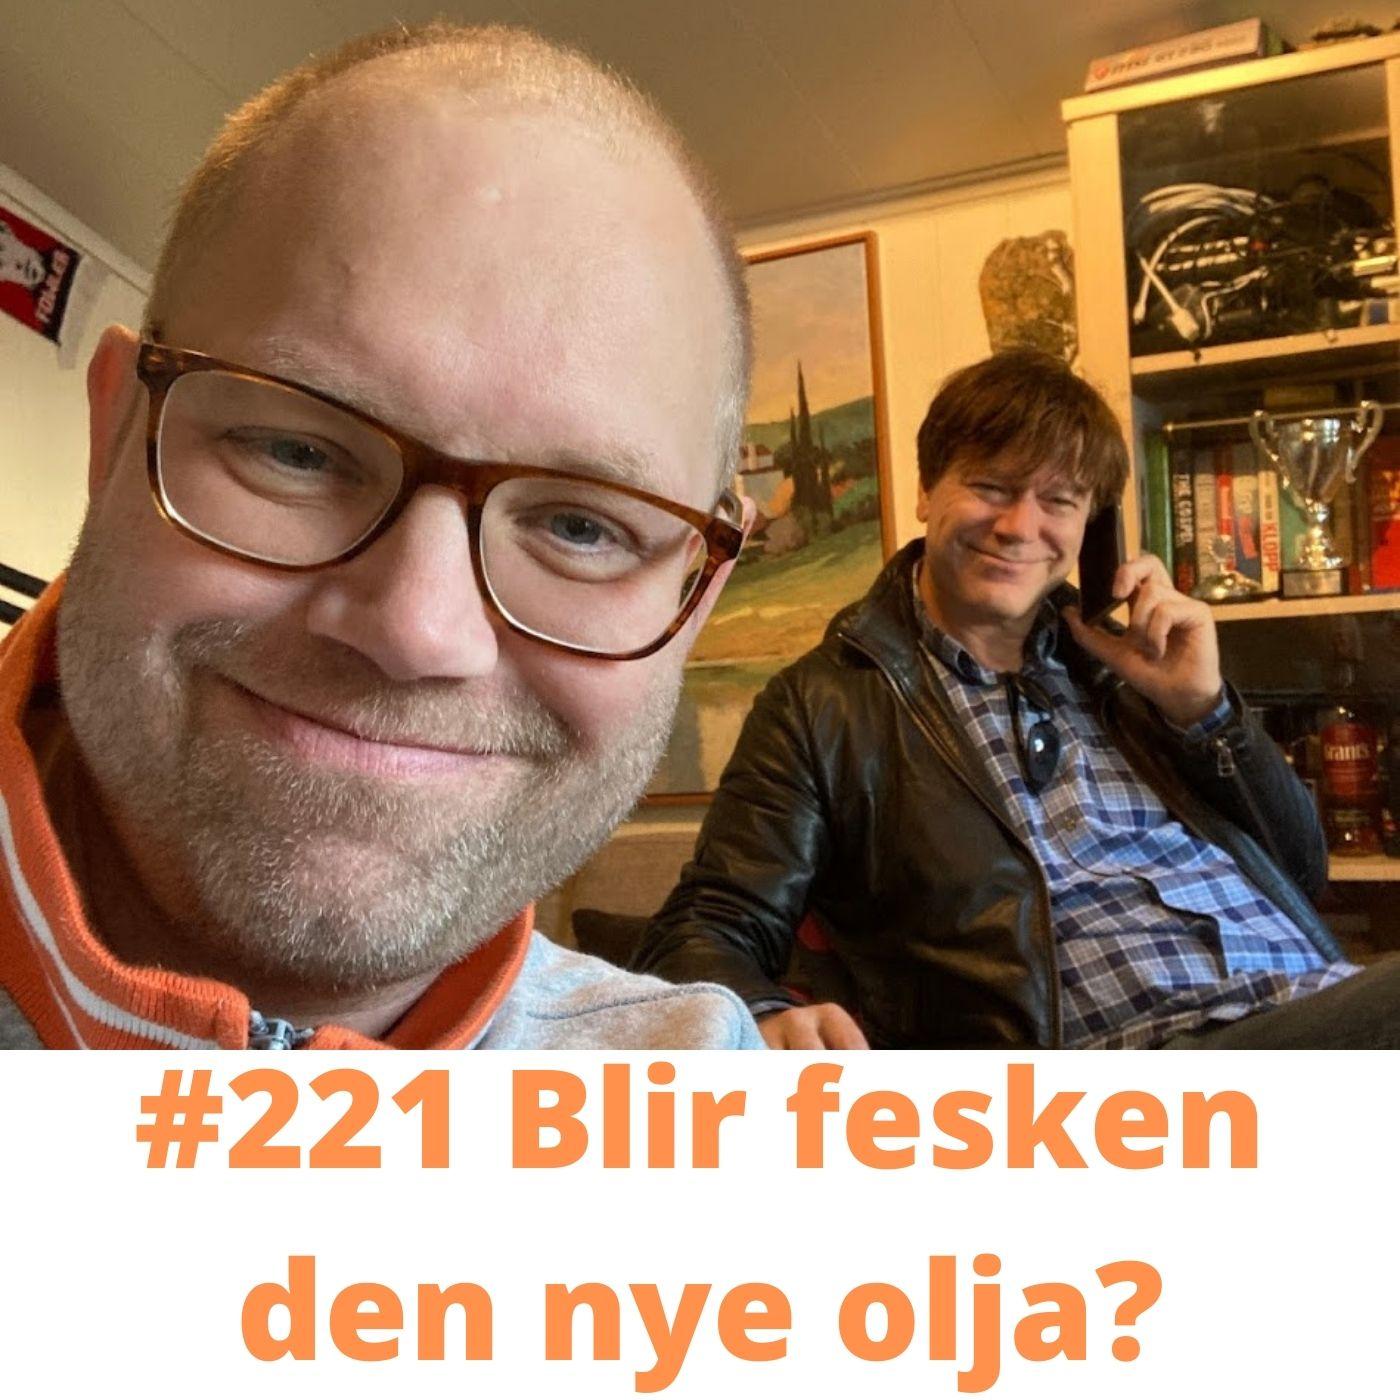 #221 Blir fesken den nye olja?